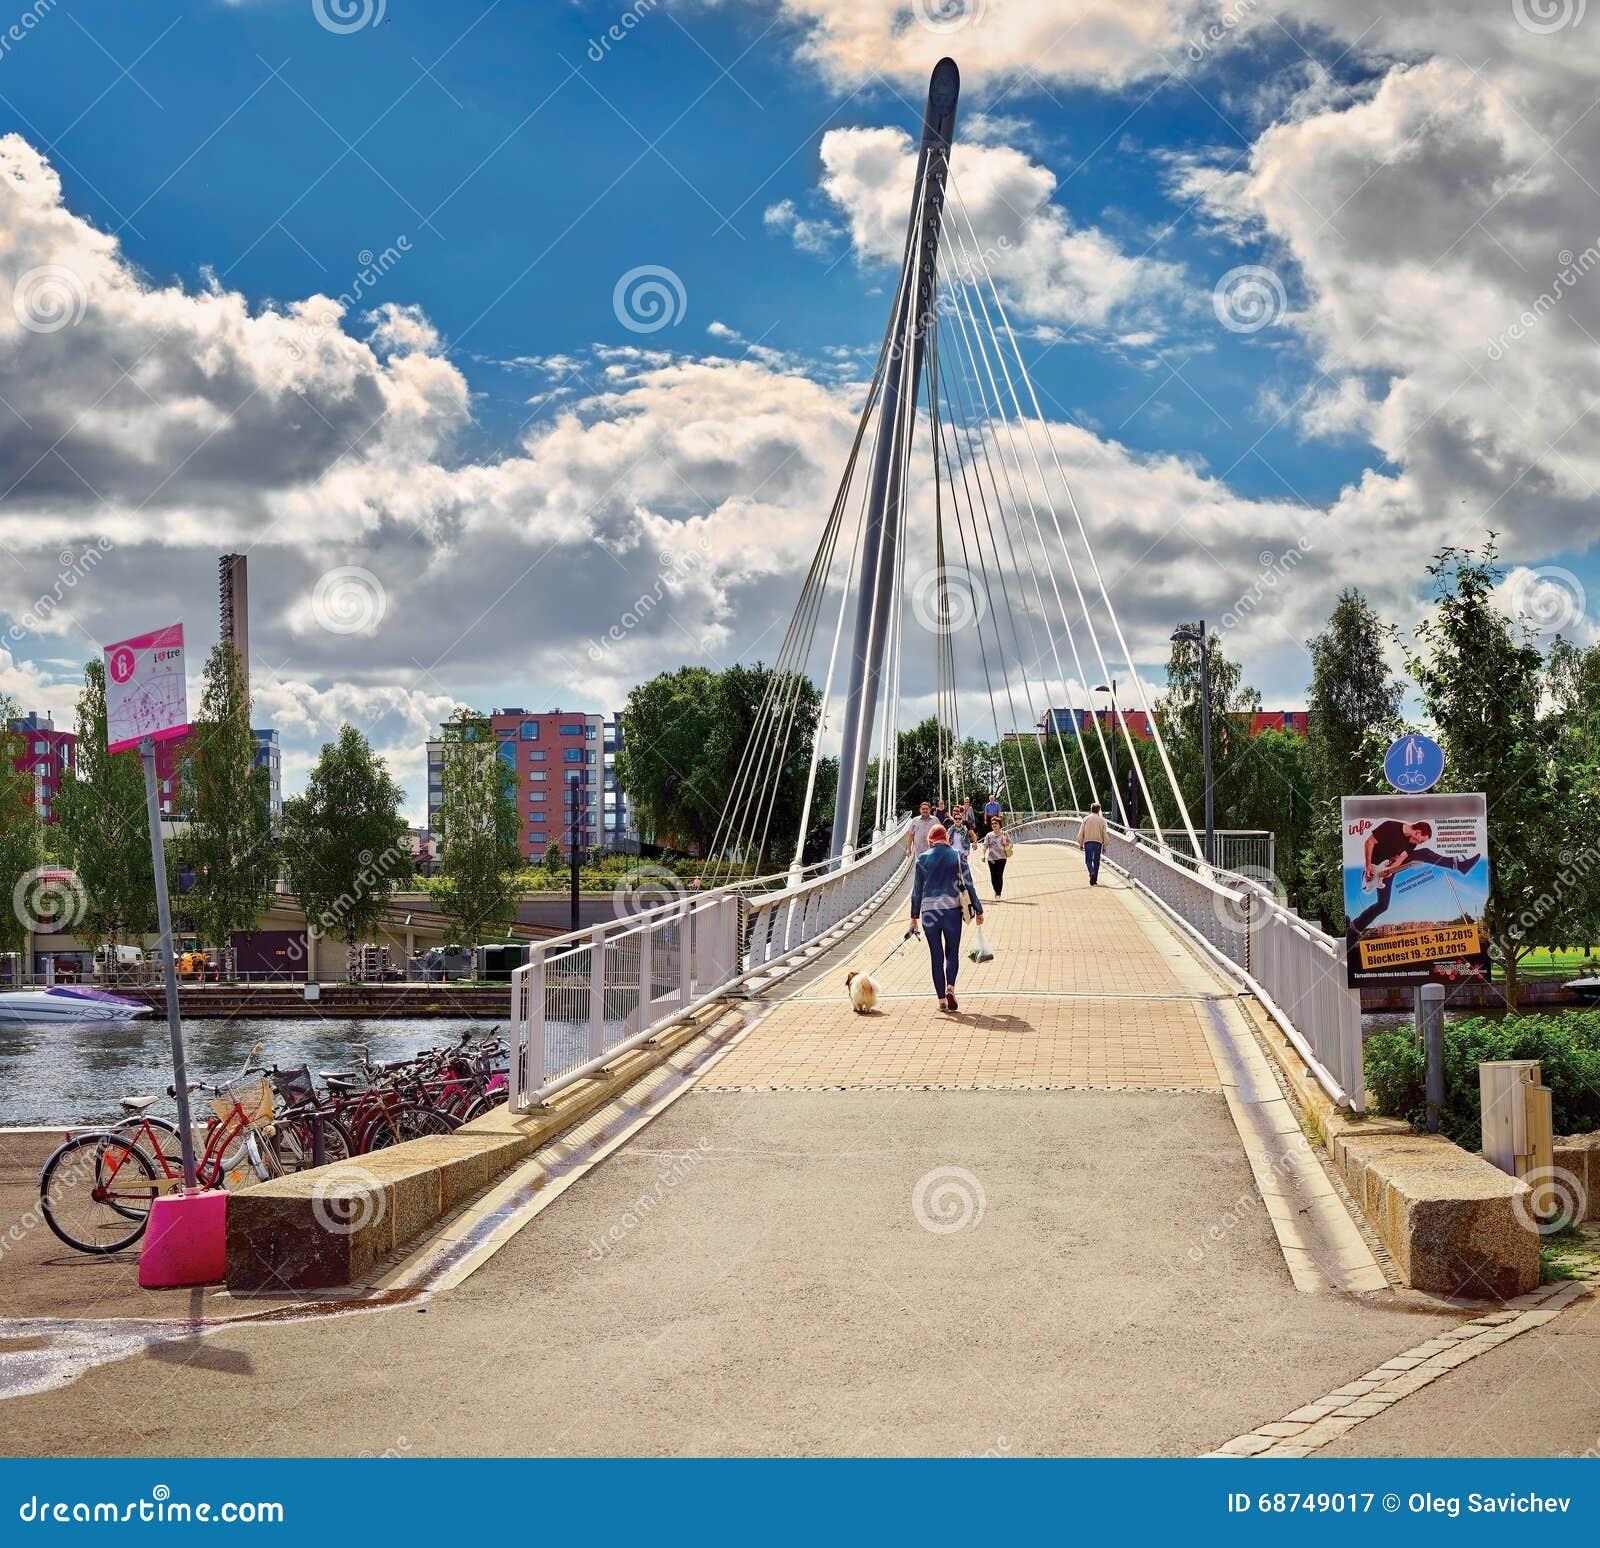 Mening van de brug over de rivier Tammerkoski (Finland, Tampere), met boten op de rivier en de mensen die over br gaan